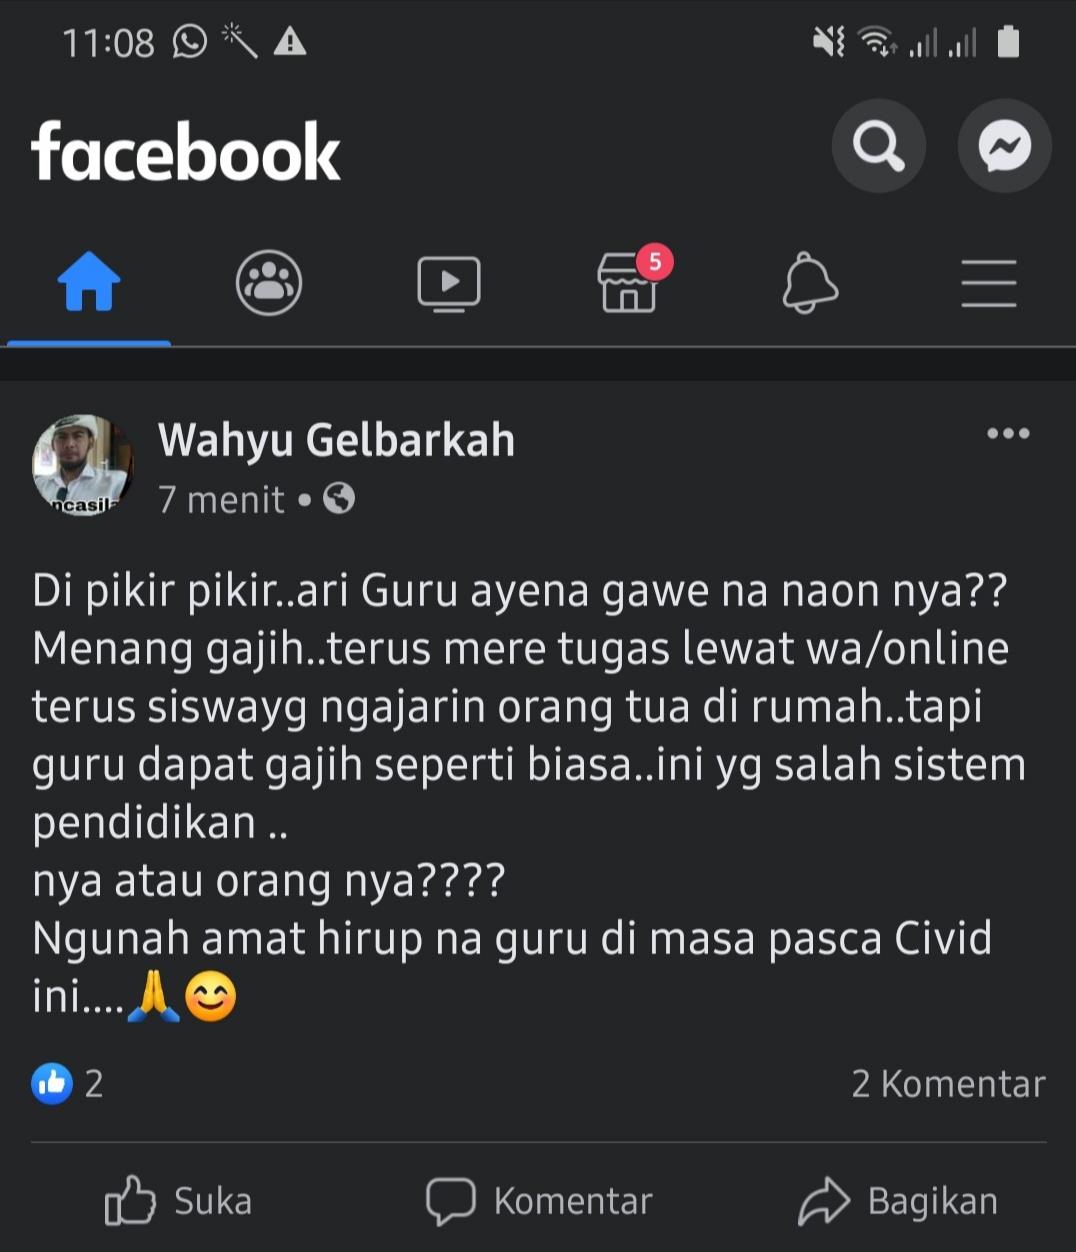 Status Akun Facebook Wahyu Gelbarkah Akan Dilaporkan Guru Kabupaten Karawang